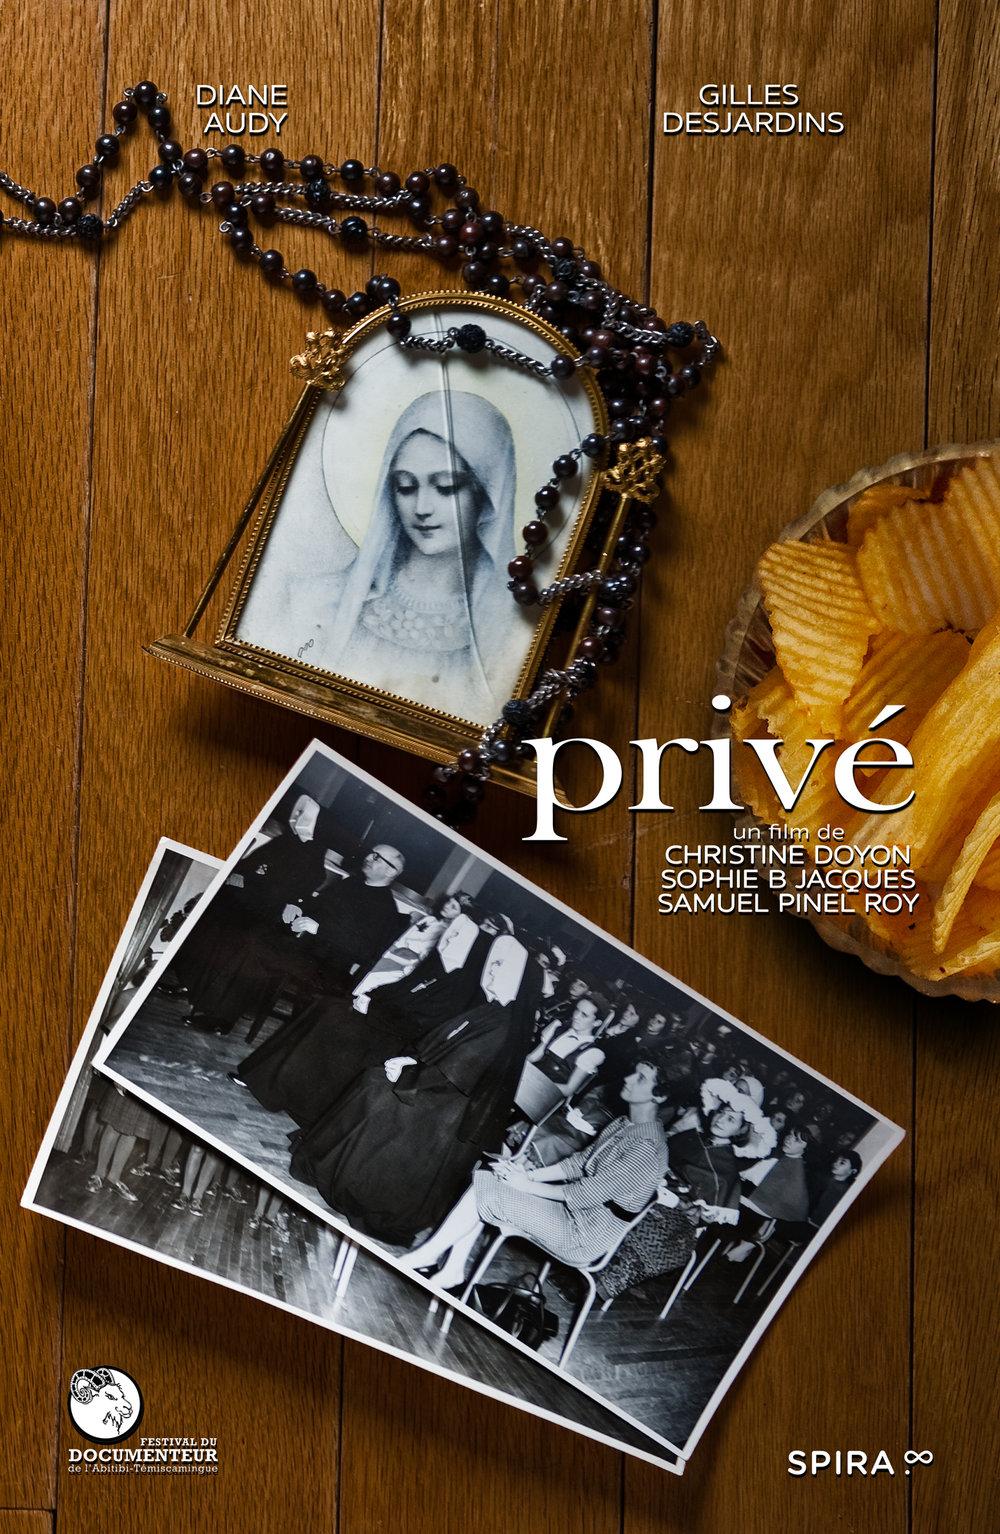 PRIVÉ  - 9 min - docu-fiction - 2015